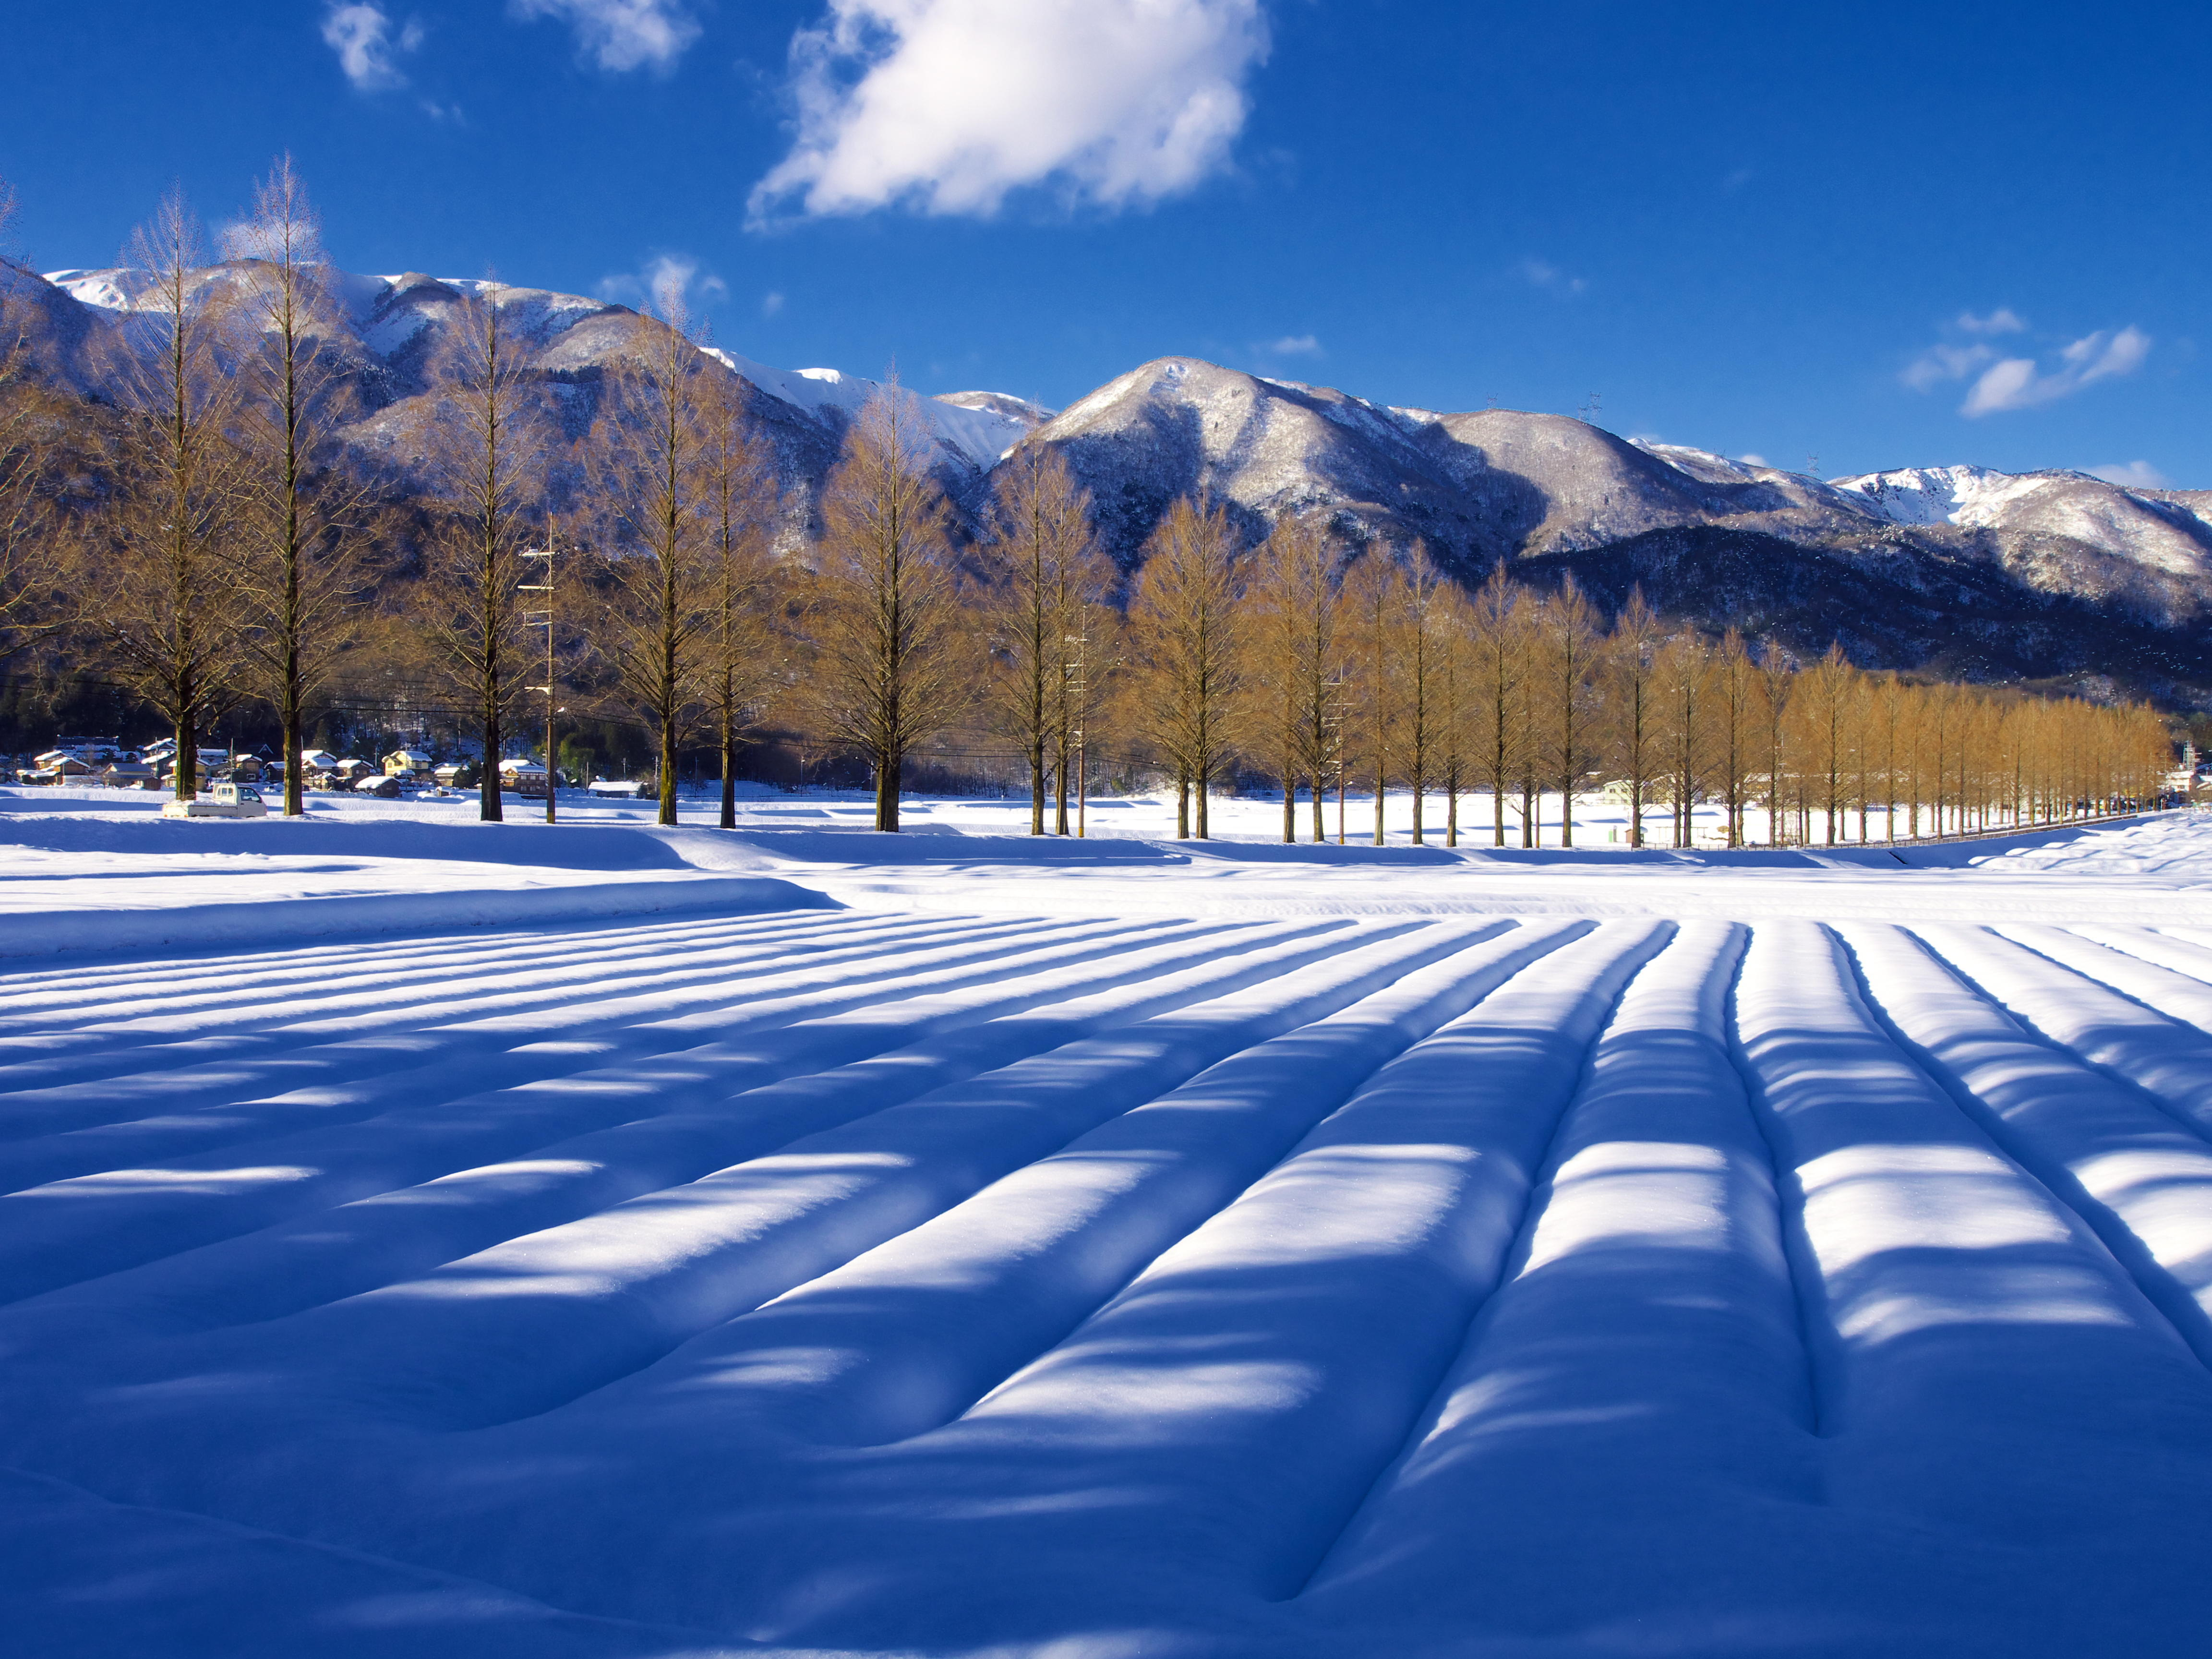 雪かおる並木道